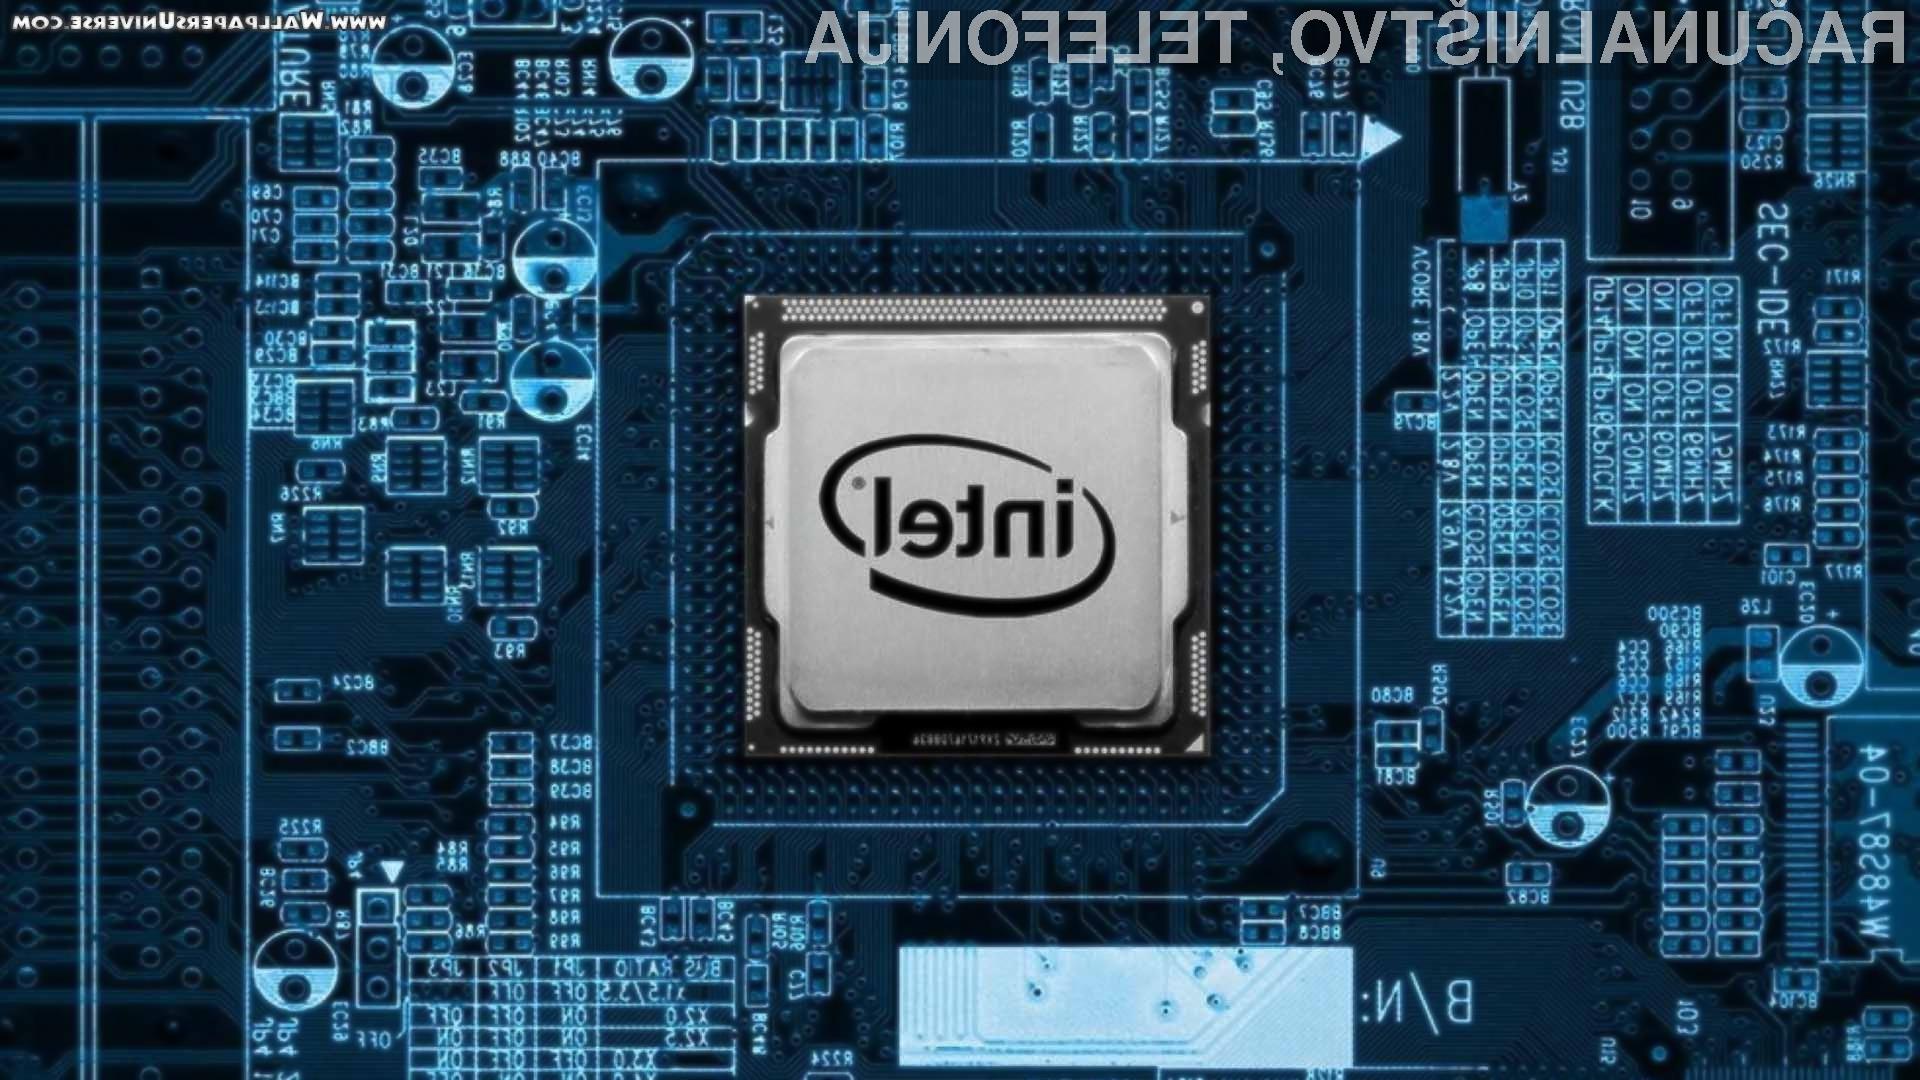 Zastarel operacijski sistem in novejši procesor ne gredo več skupaj!